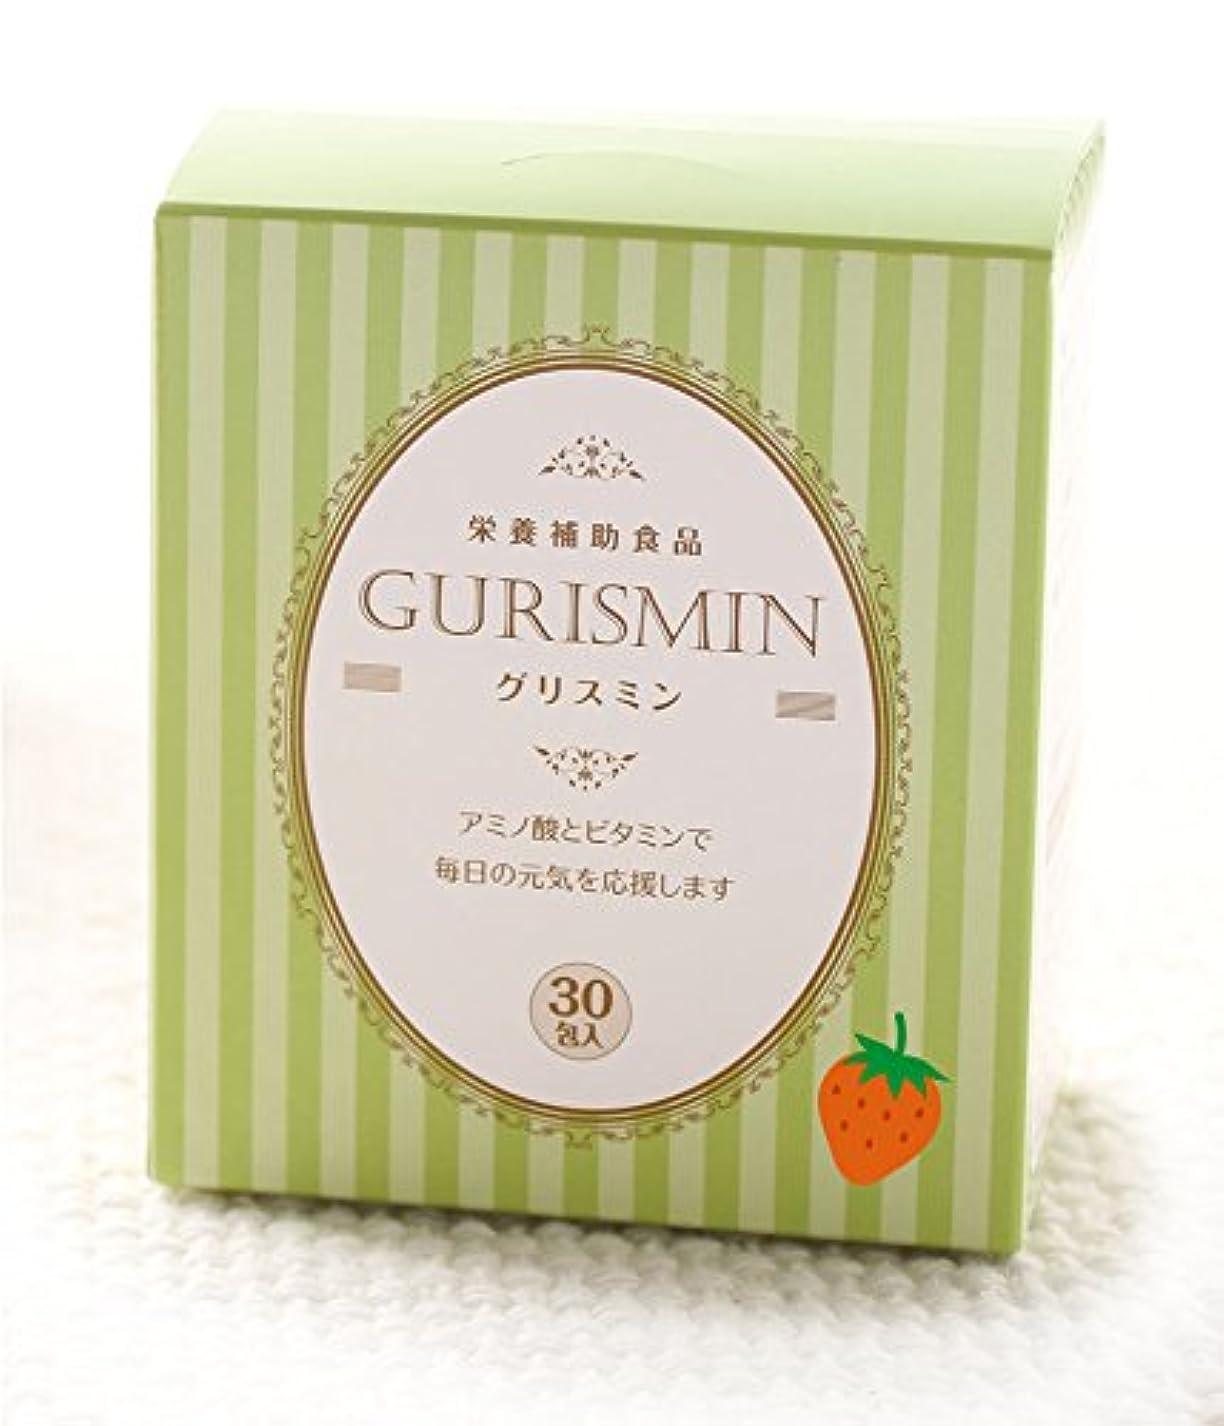 誇りに思うますますあご太陽堂製薬 グリスミン グリシン3000mg×30回分(いちごヨーグルト)栄養機能食品